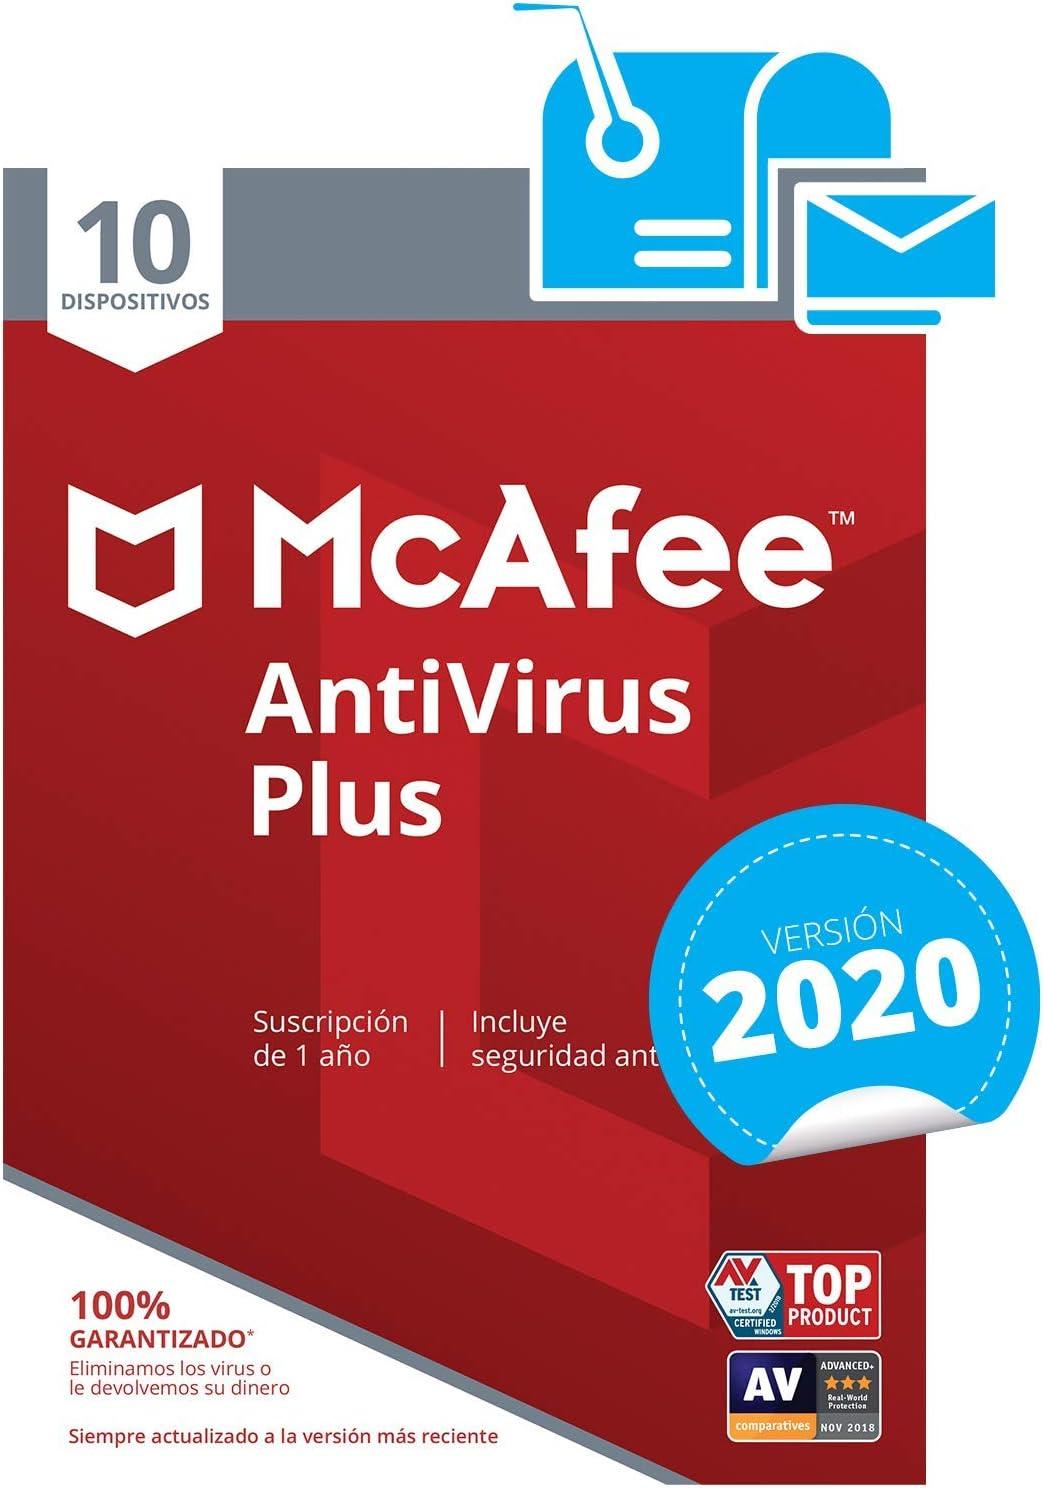 McAfee AntiVirus Plus 2020 - Antivirus | 10 Dispositivos | Suscripción de 1 año | PC/Mac/Android/Smartphones | Código de activación por correo